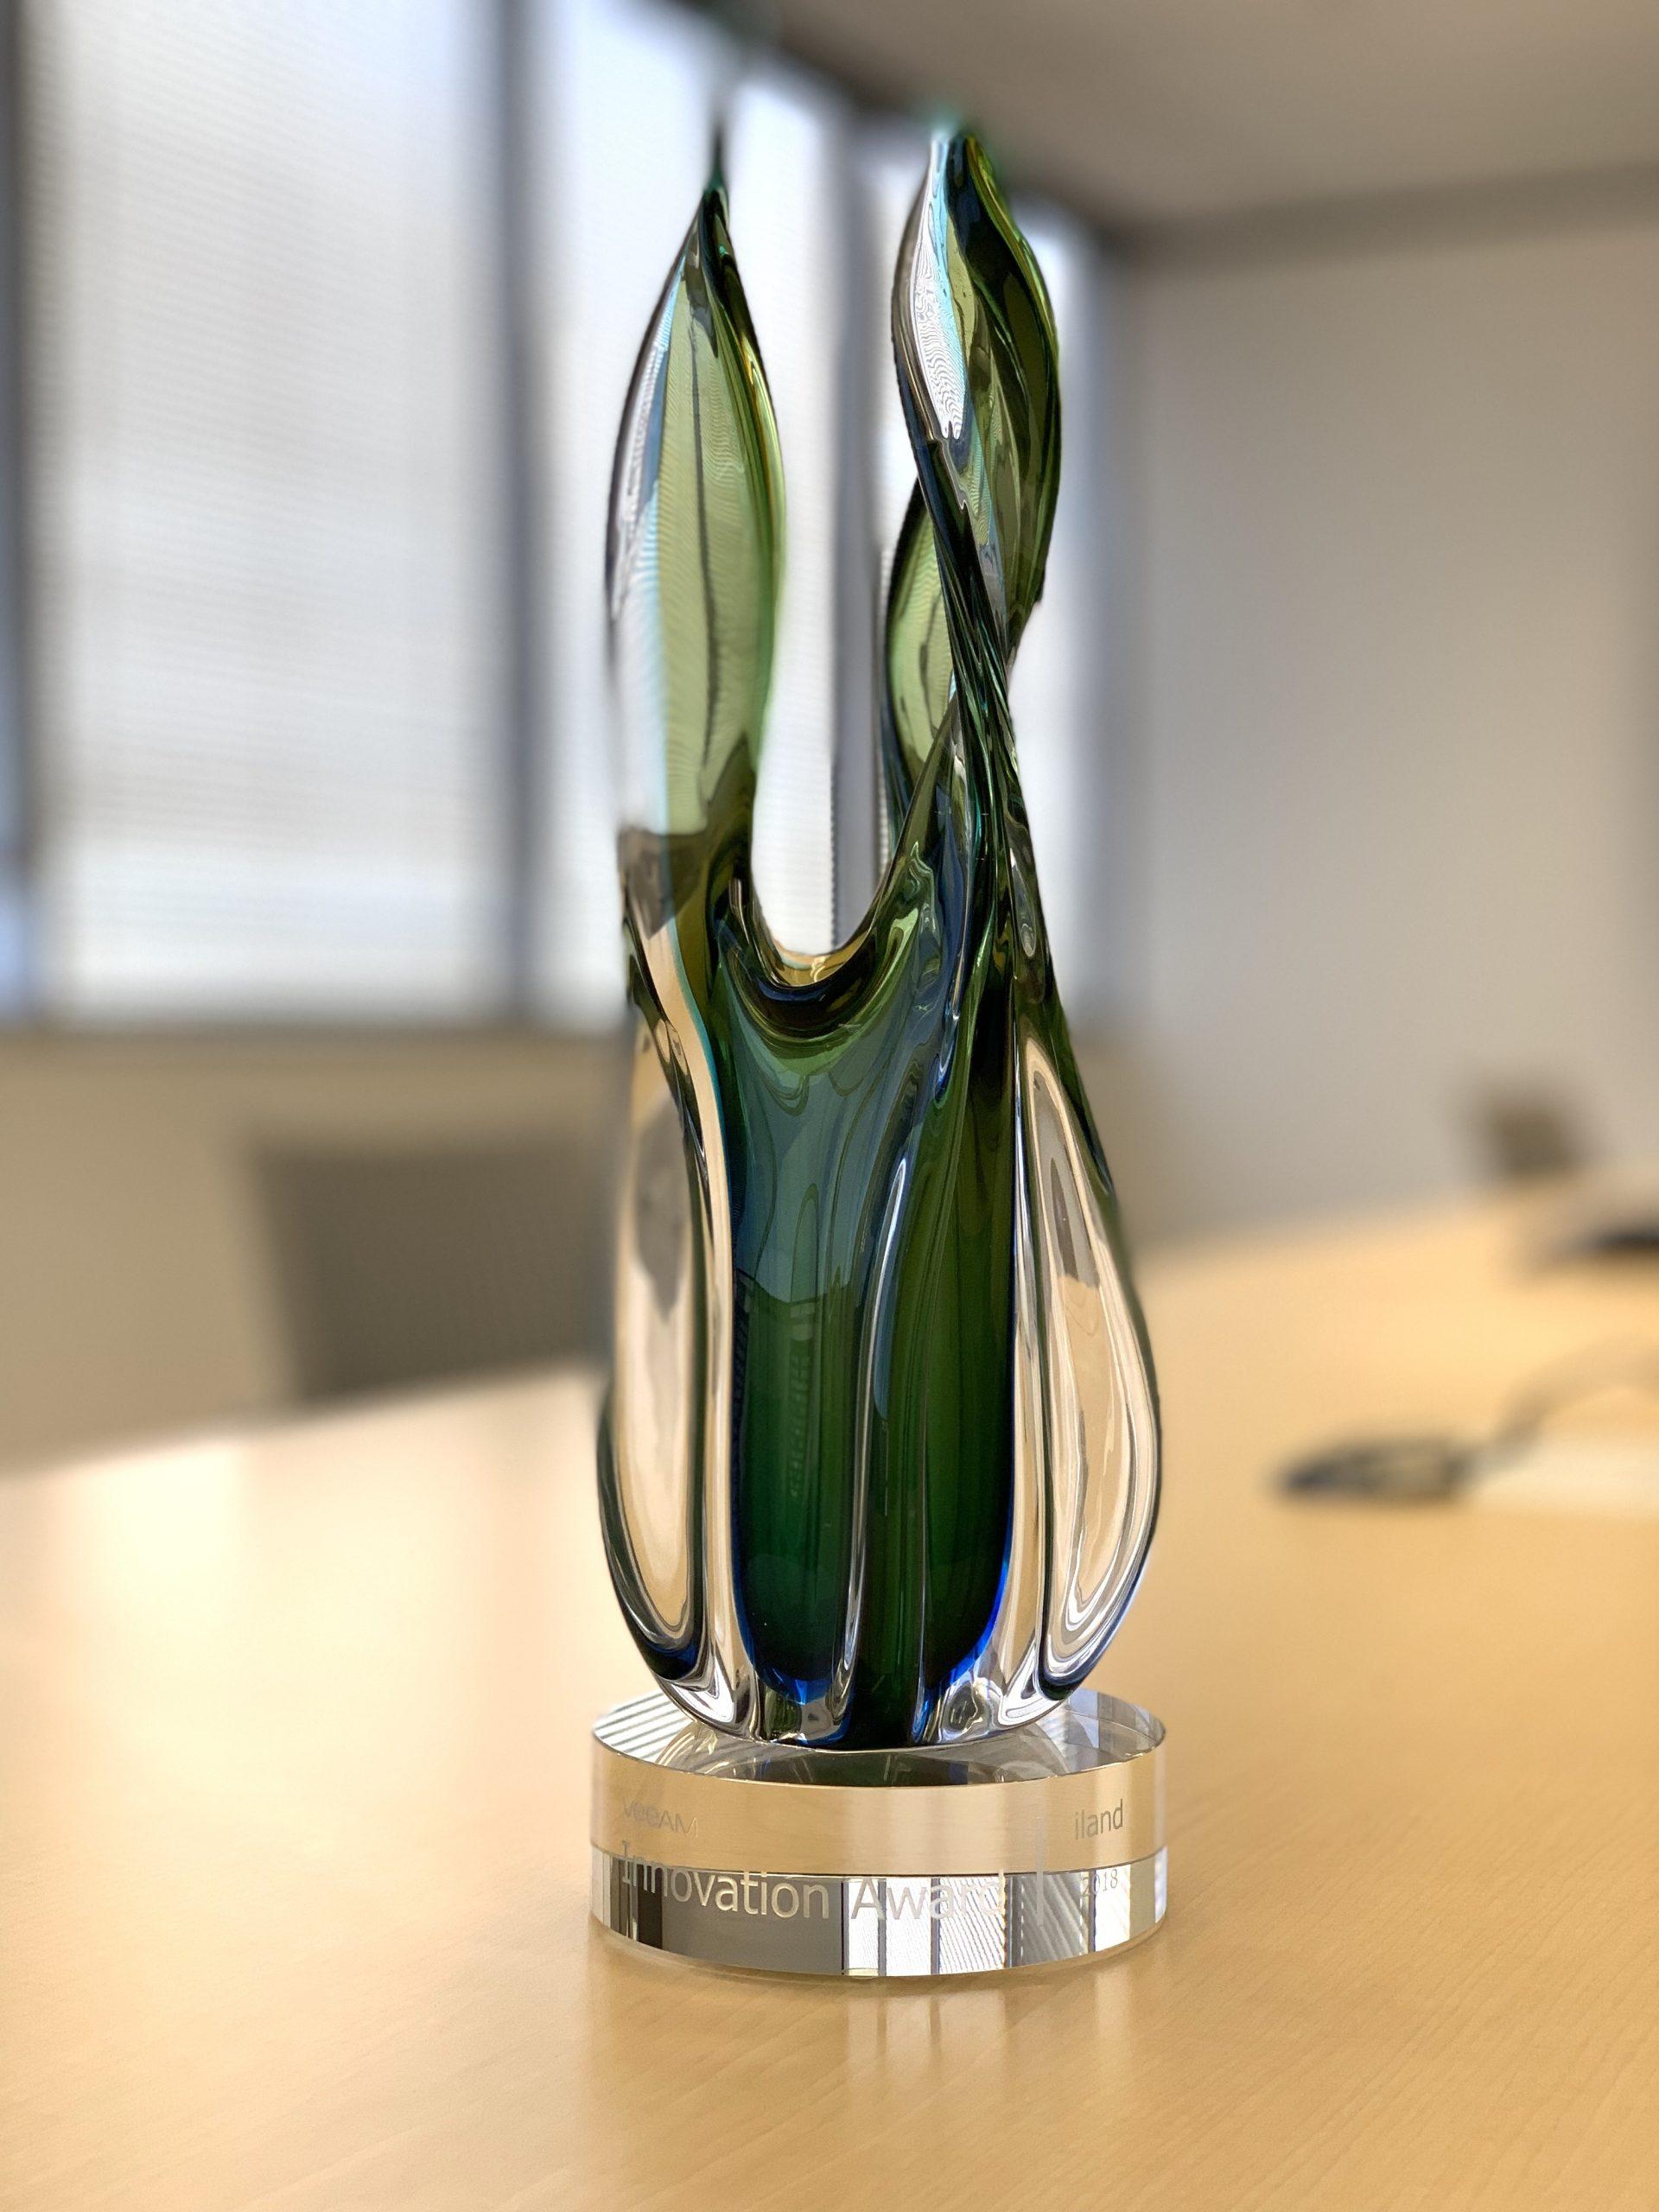 2018 Veeam Innovation Award